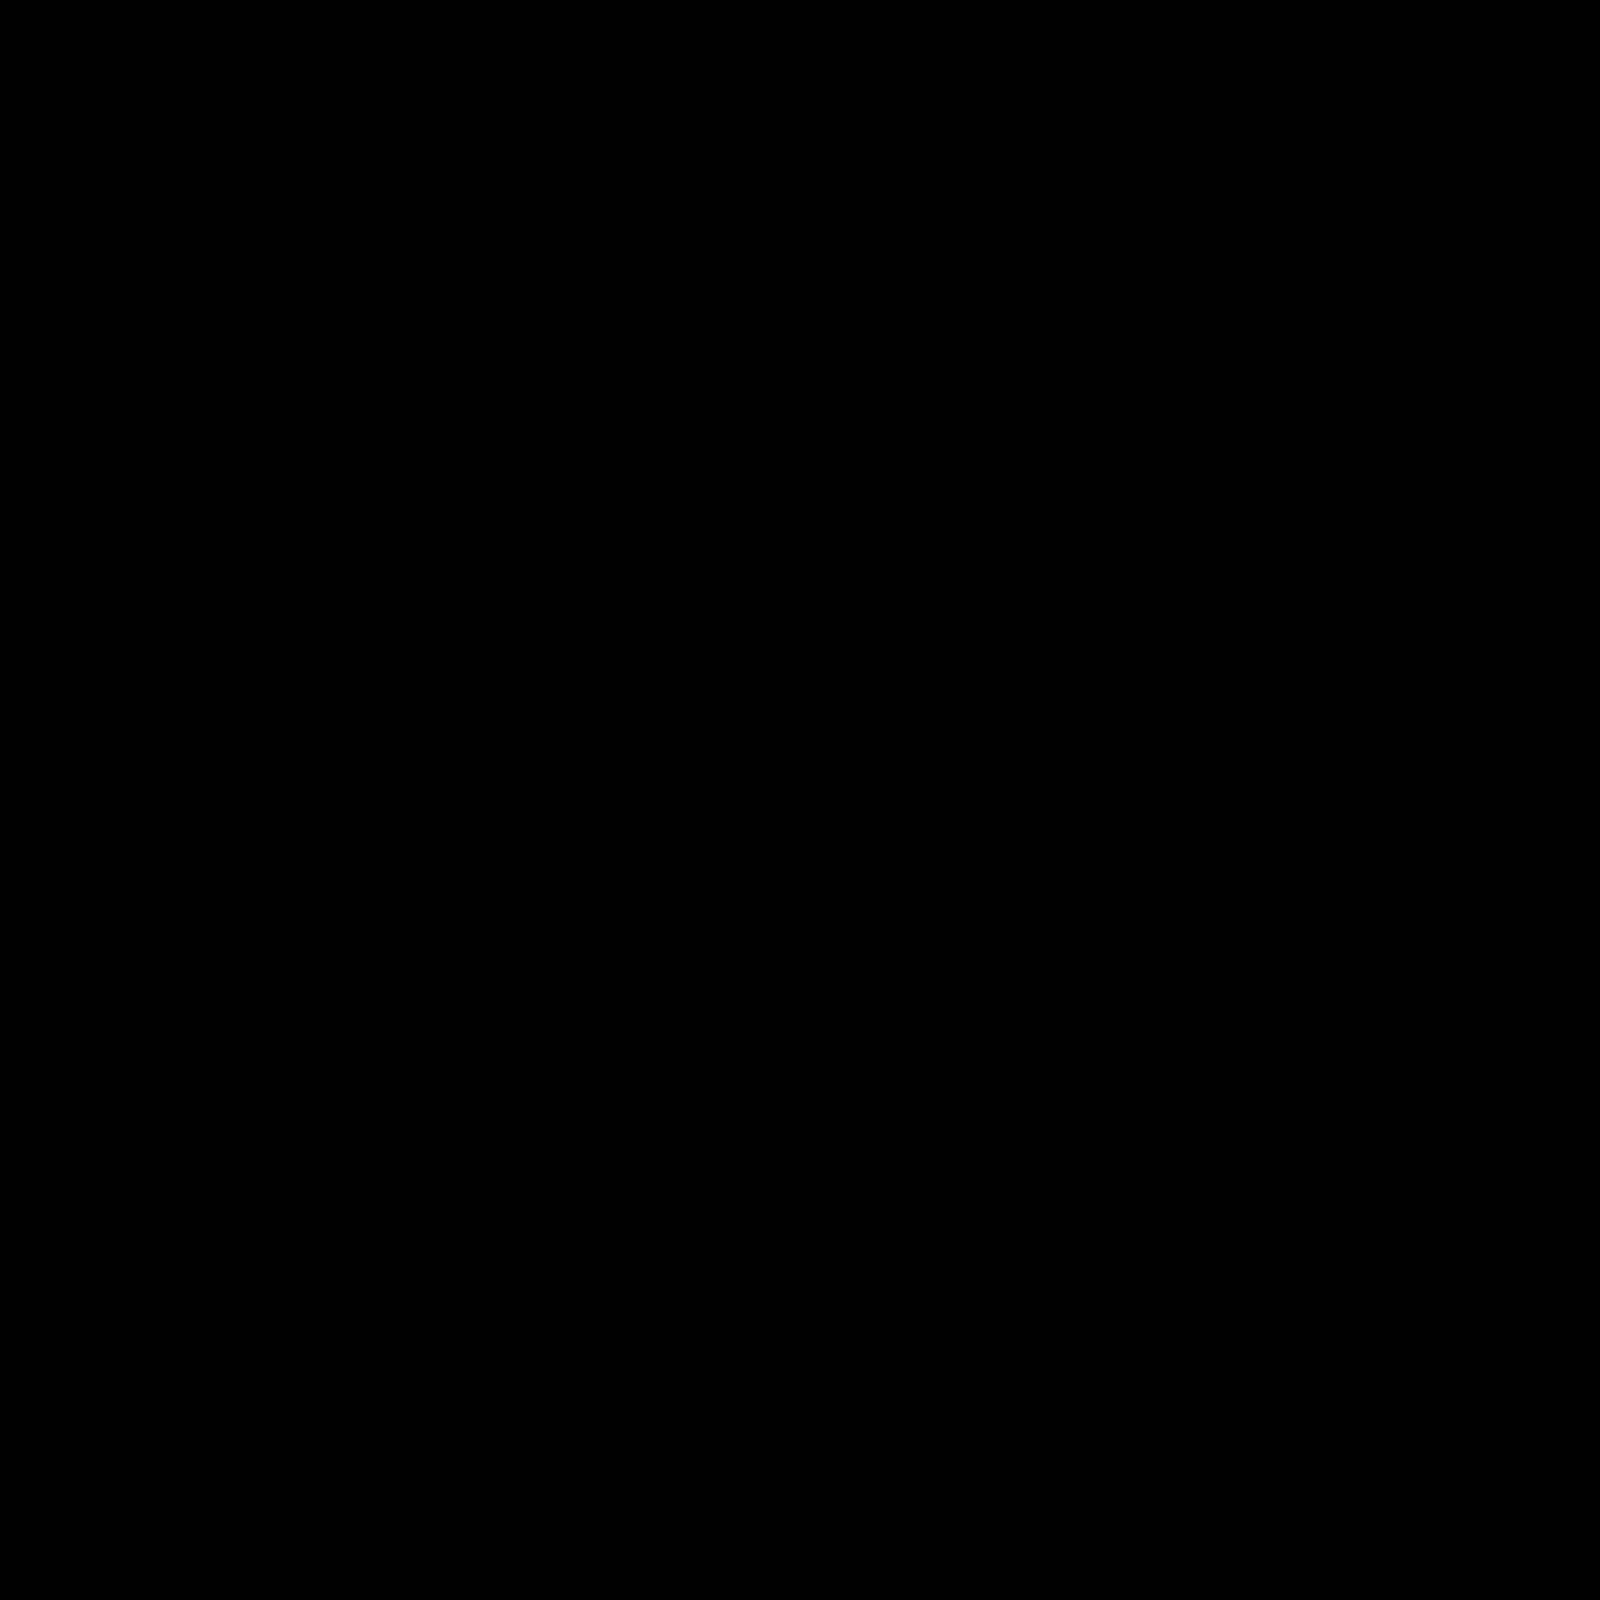 Alarm Add icon